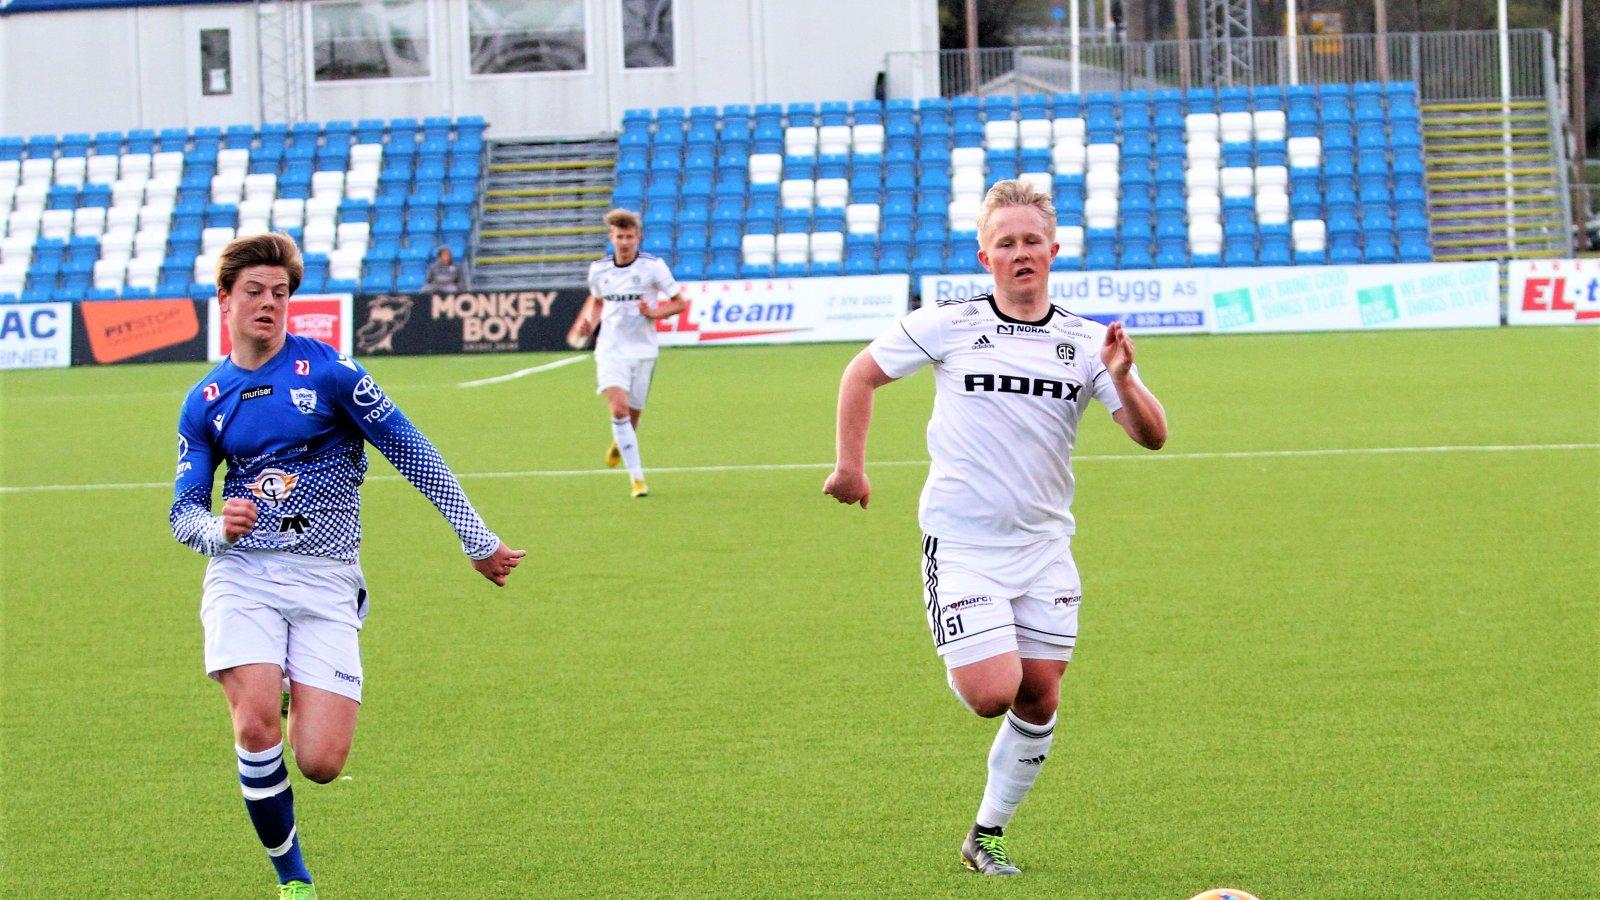 Michael Bothne Bleika og juniorlaget til Arendal Fotball røk ut for Start i 2. runde av NM for G19. Her fra en kamp mot Søgne.